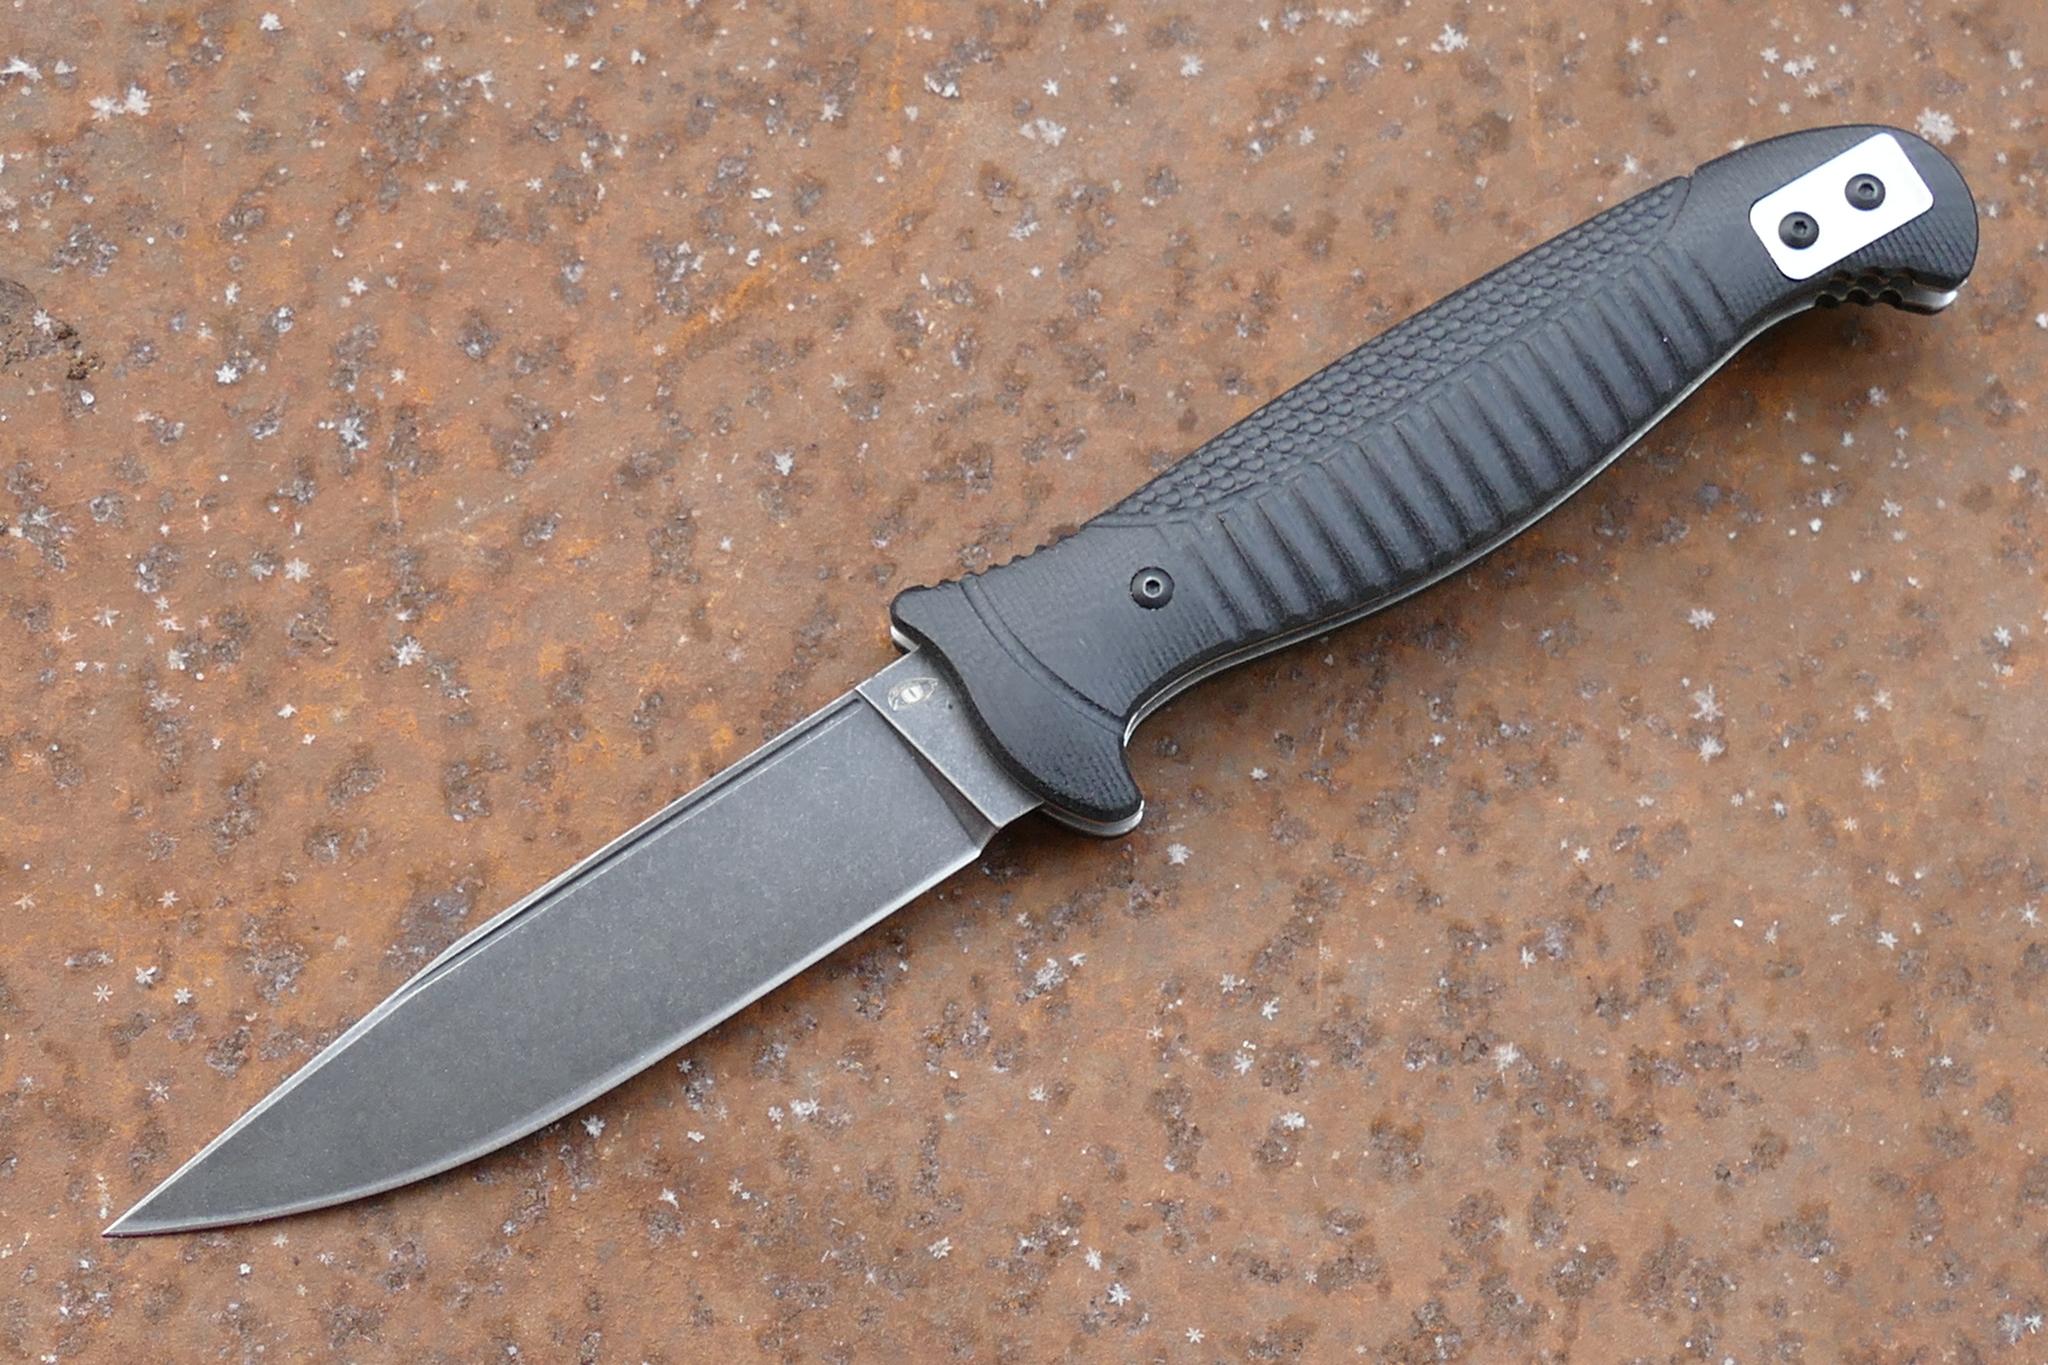 Фото 9 - Складной нож Финка 2 от Reptilian